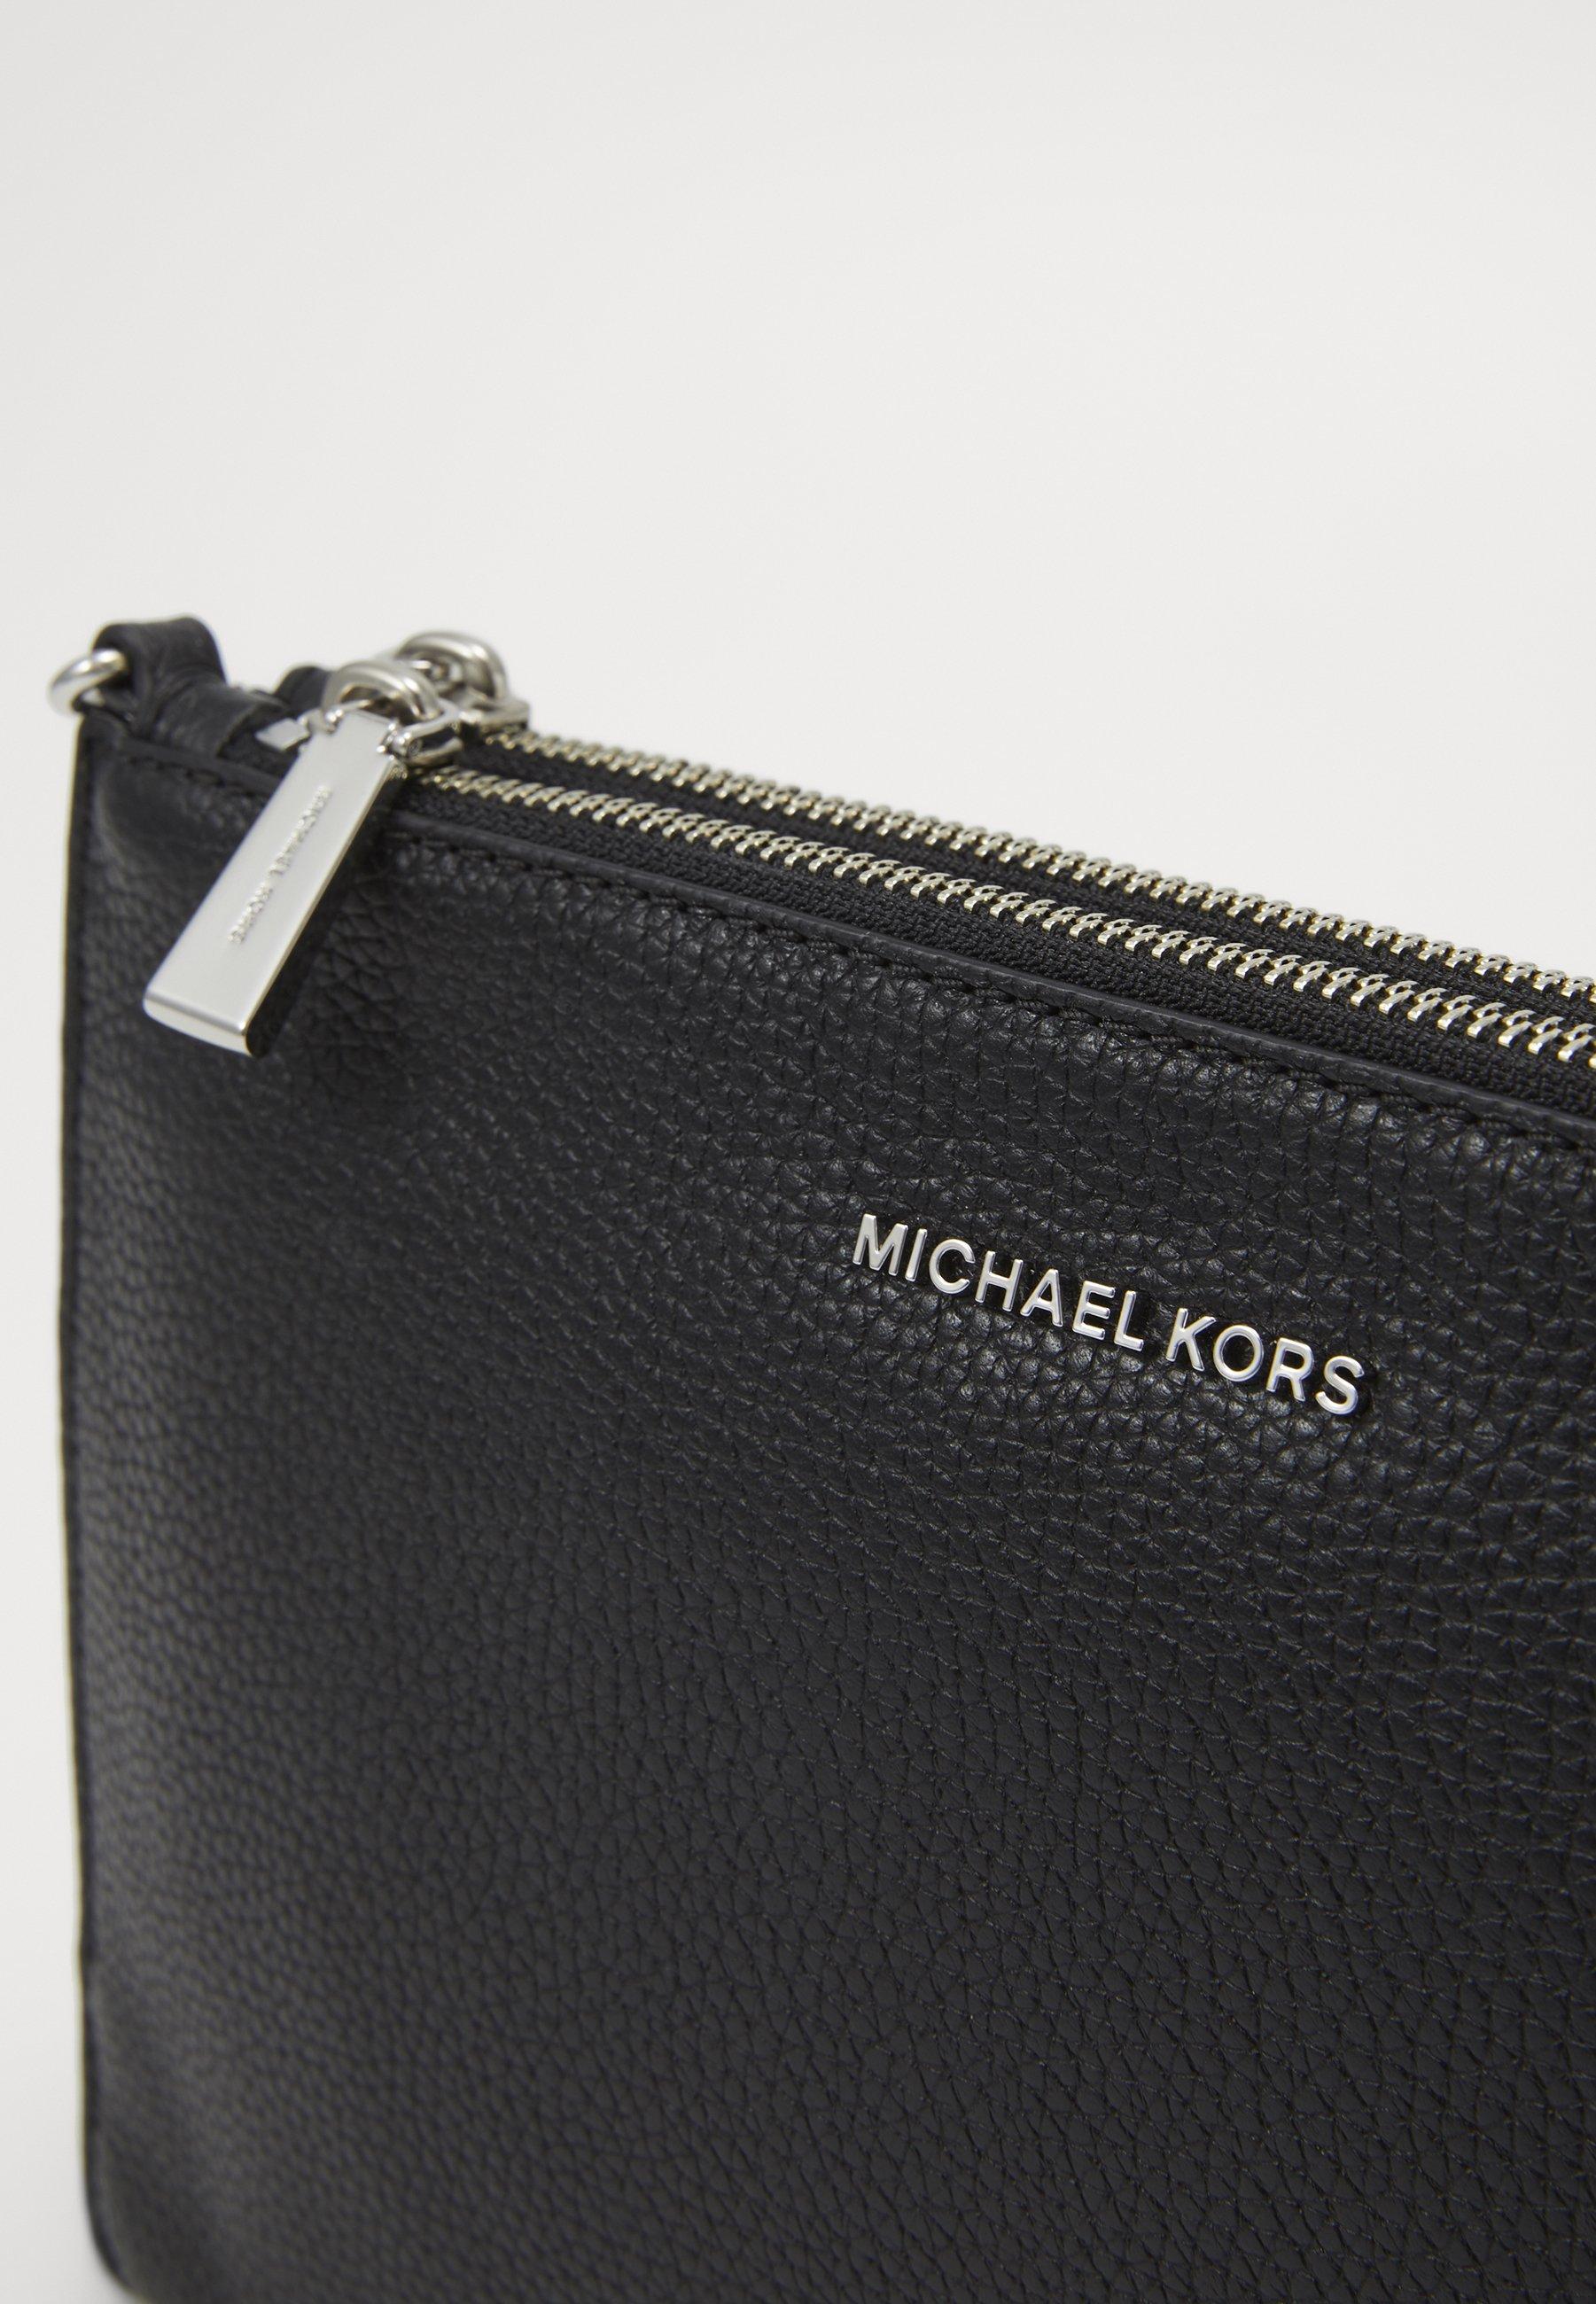 Michael Kors Jet Pouch Xbody - Umhängetasche Black/schwarz